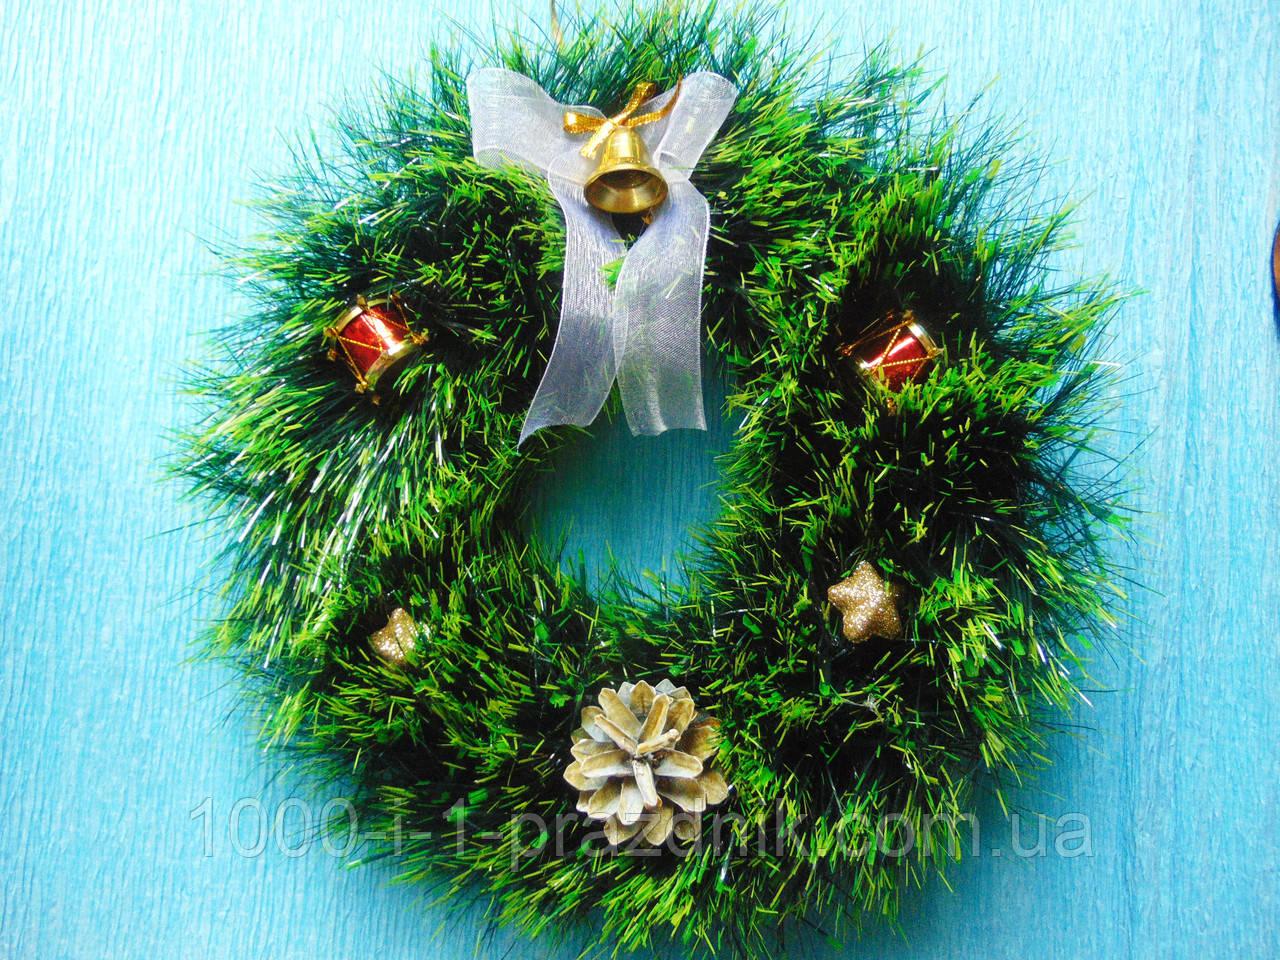 Новогодний венок зелёный с декором 28 см